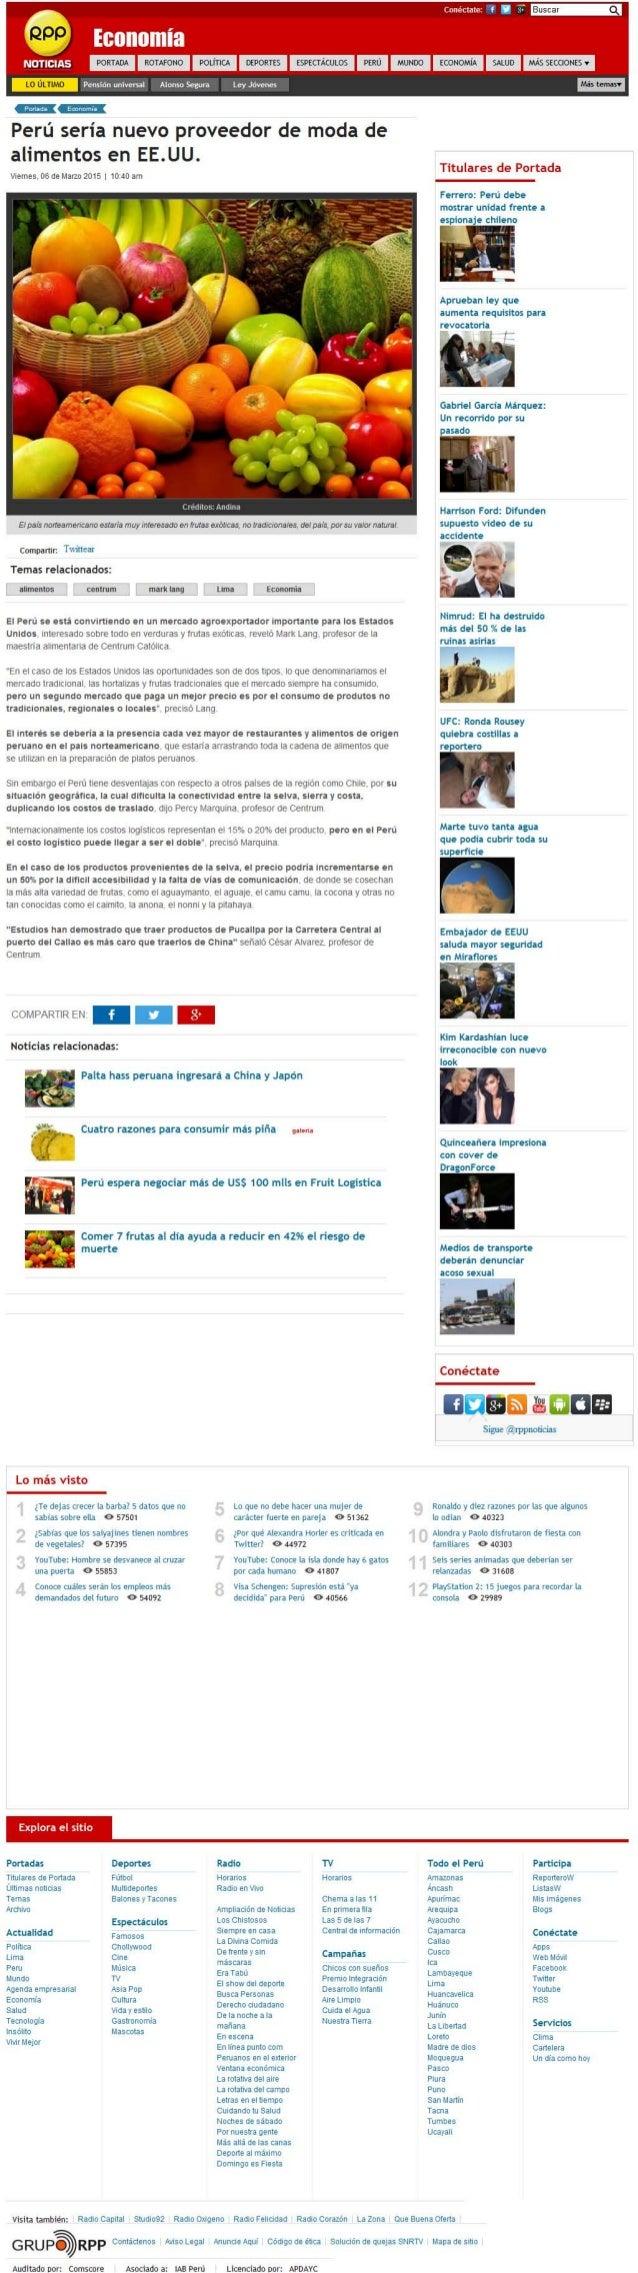 rjoiiectale:  f I  f  NOTICIAS  ECIIIIOIIIÍH  @ÉÉ  Pensión universal Alonso Segura Ley Jóvenes     : mí Perú sería nuevo p...